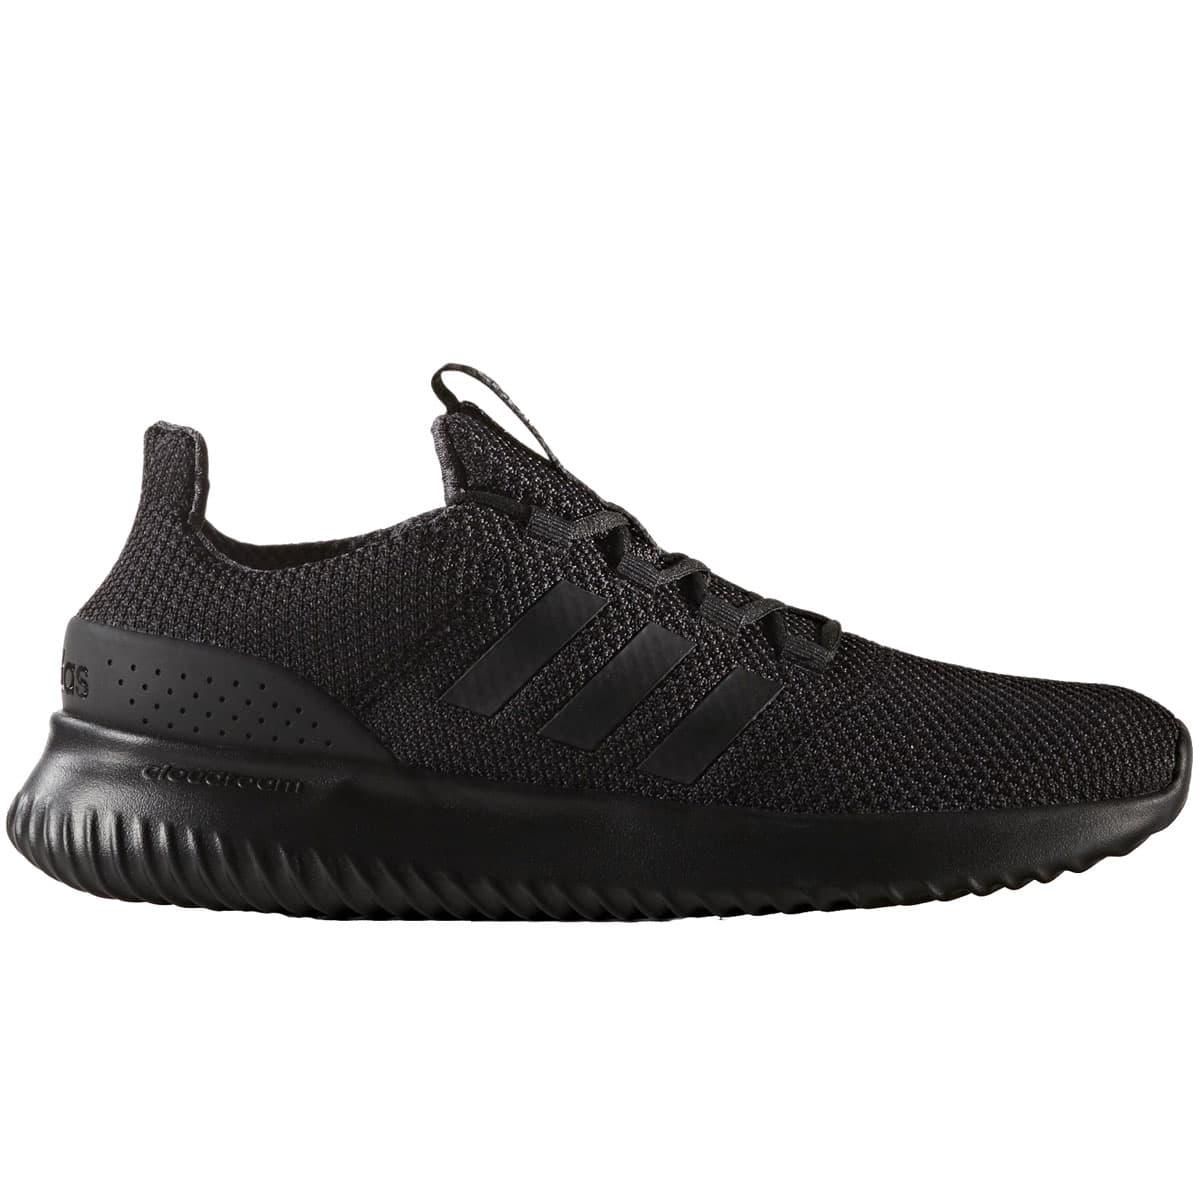 Cloudfoam Ultimate Erkek Siyah Koşu Ayakkabısı